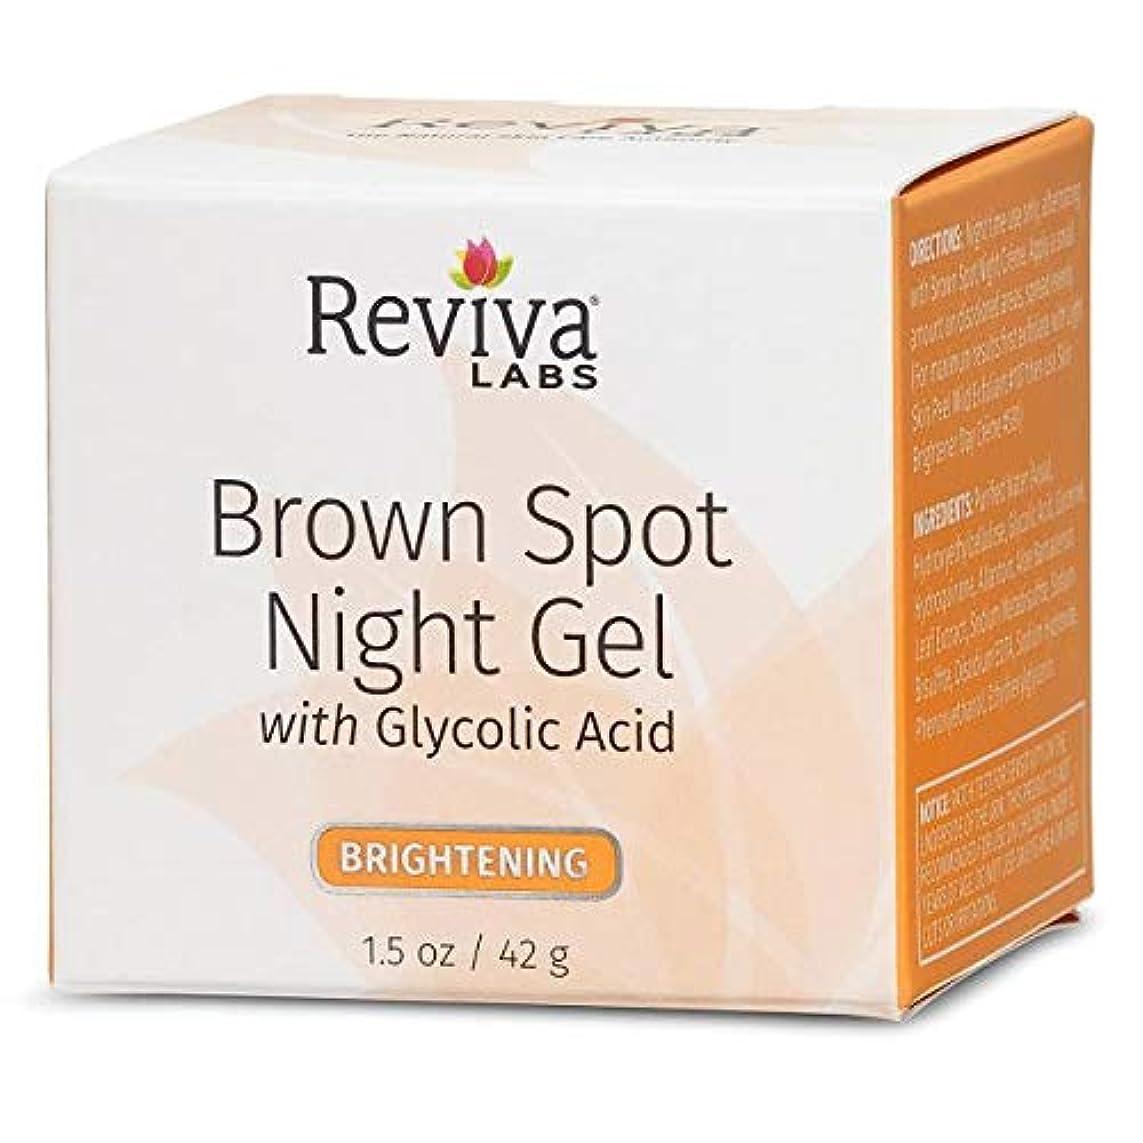 シングル不機嫌準拠ブラウンスポット ナイトジェル グリコール酸入り 1.25oz. REVIVA LABS社製 海外直送品